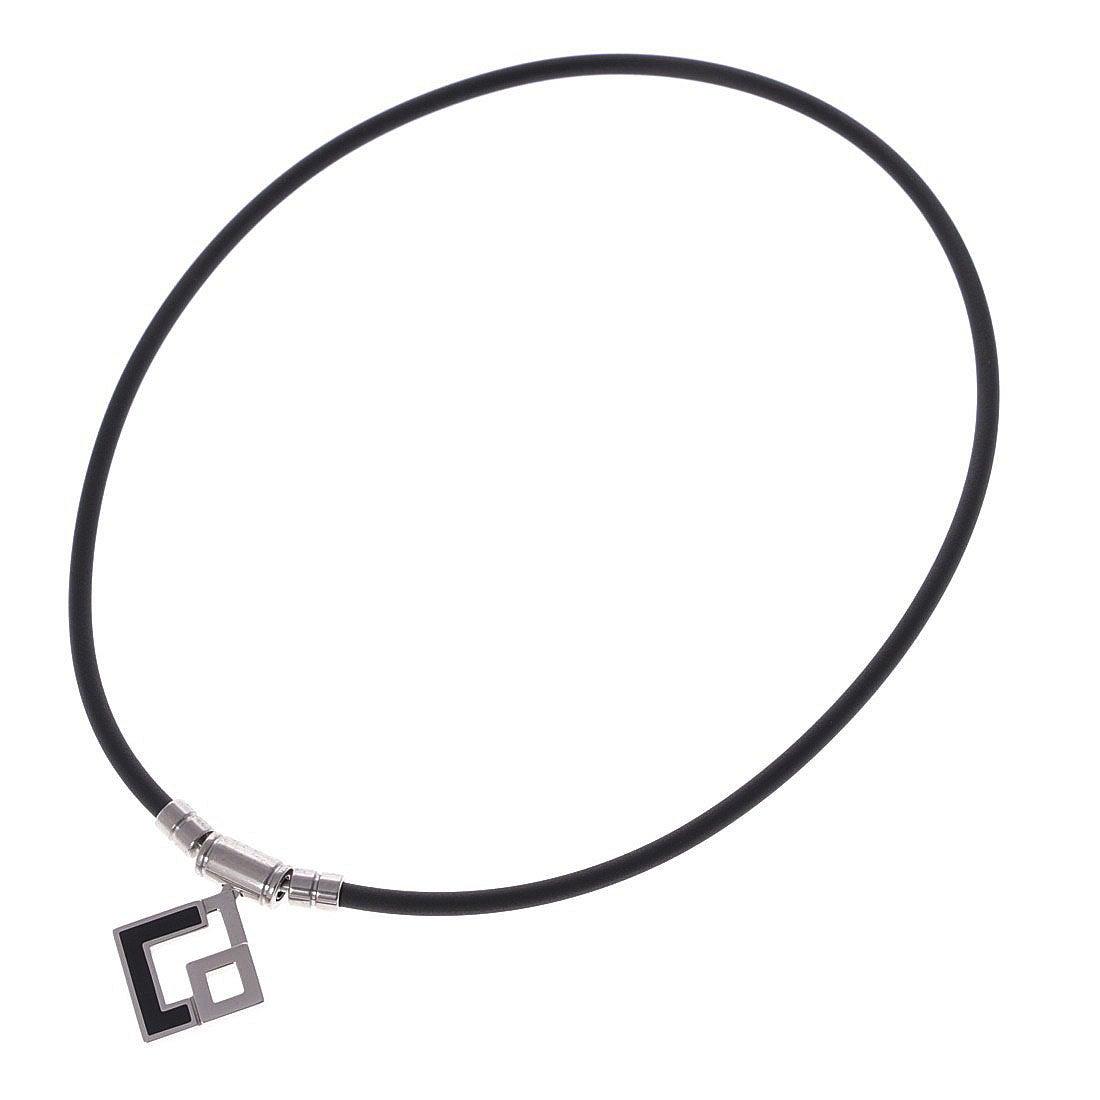 コラントッテ Colan Totte ユニセックス 健康アクセサリー ネックレス コラントッテ TAO ネックレス AURA ABAPH01M メンズ